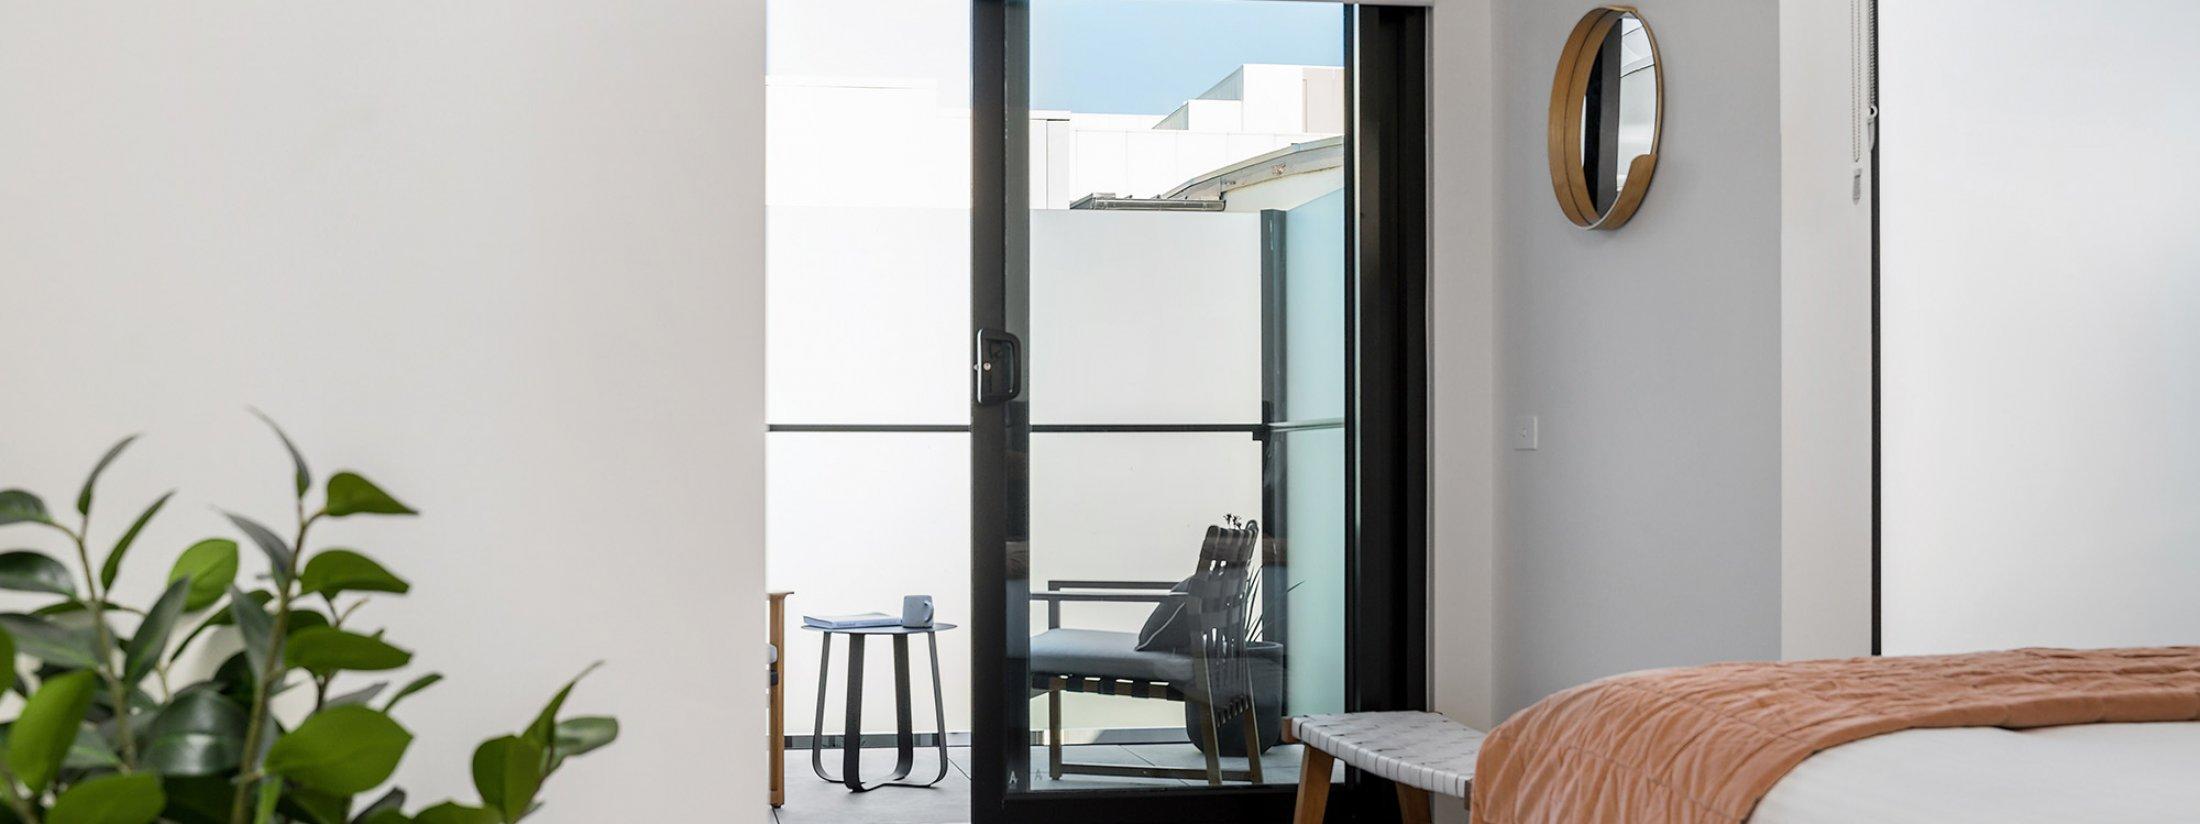 Axel Apartments 203 The Bonfield - Glen Iris - Master bedroom towards balcony